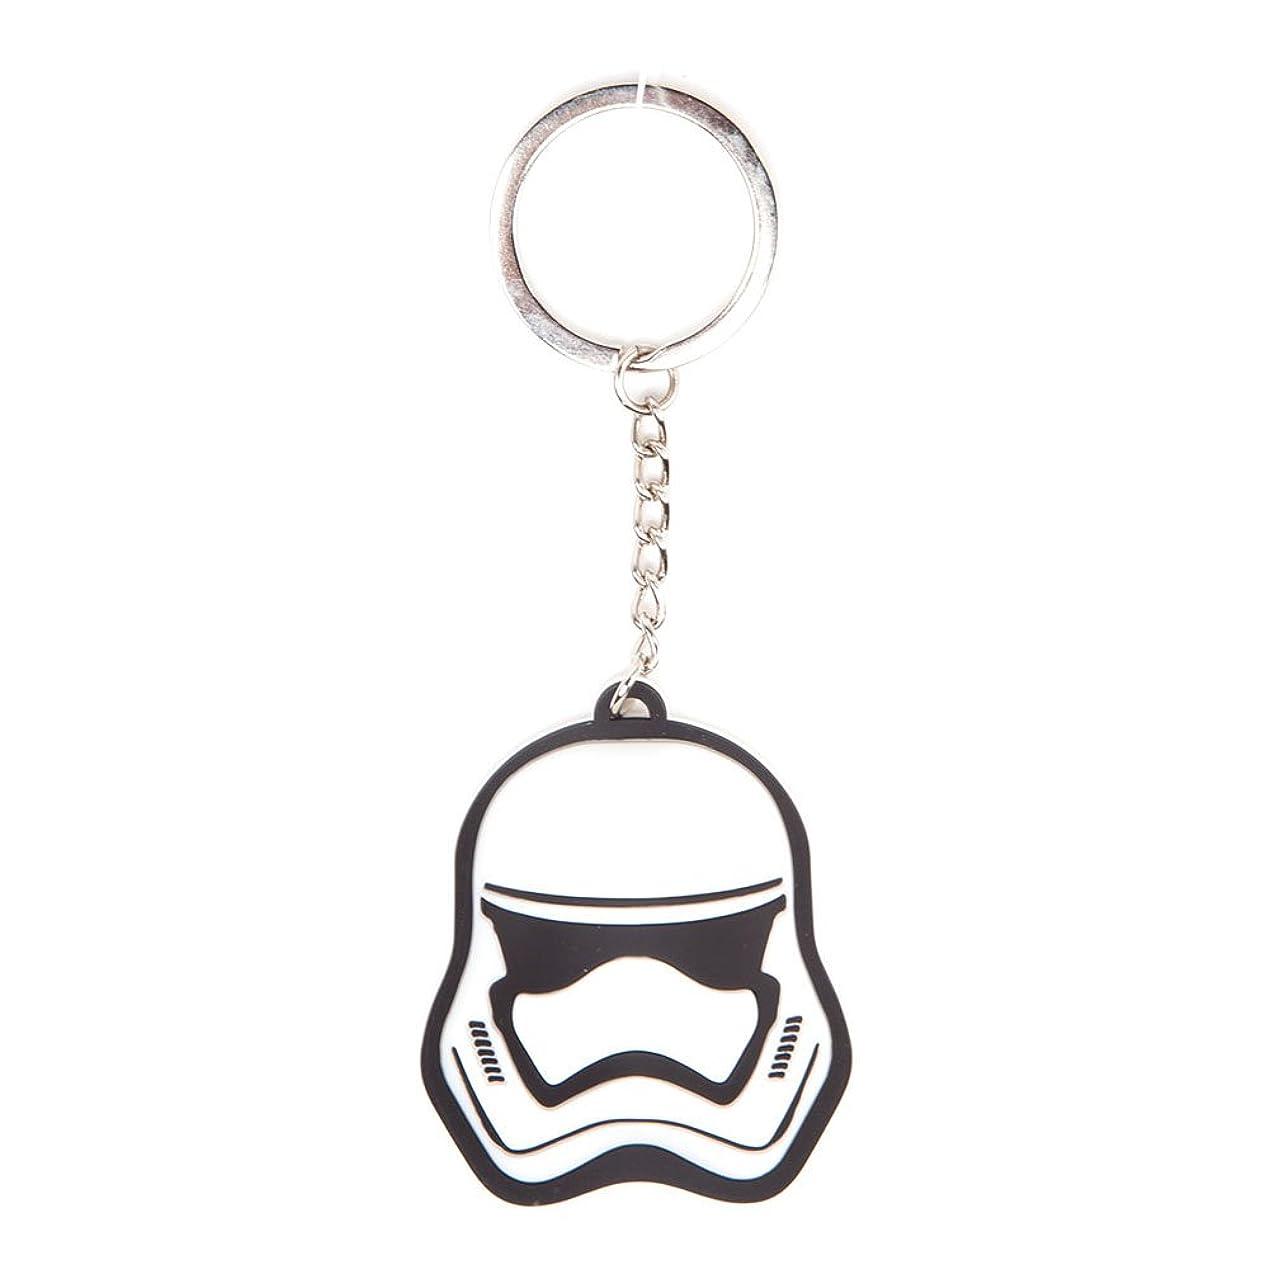 多様な置くためにパック気体のStar Wars キーホルダー Keychain Stormtrooper 新しい 公式 ホワイト Rubber